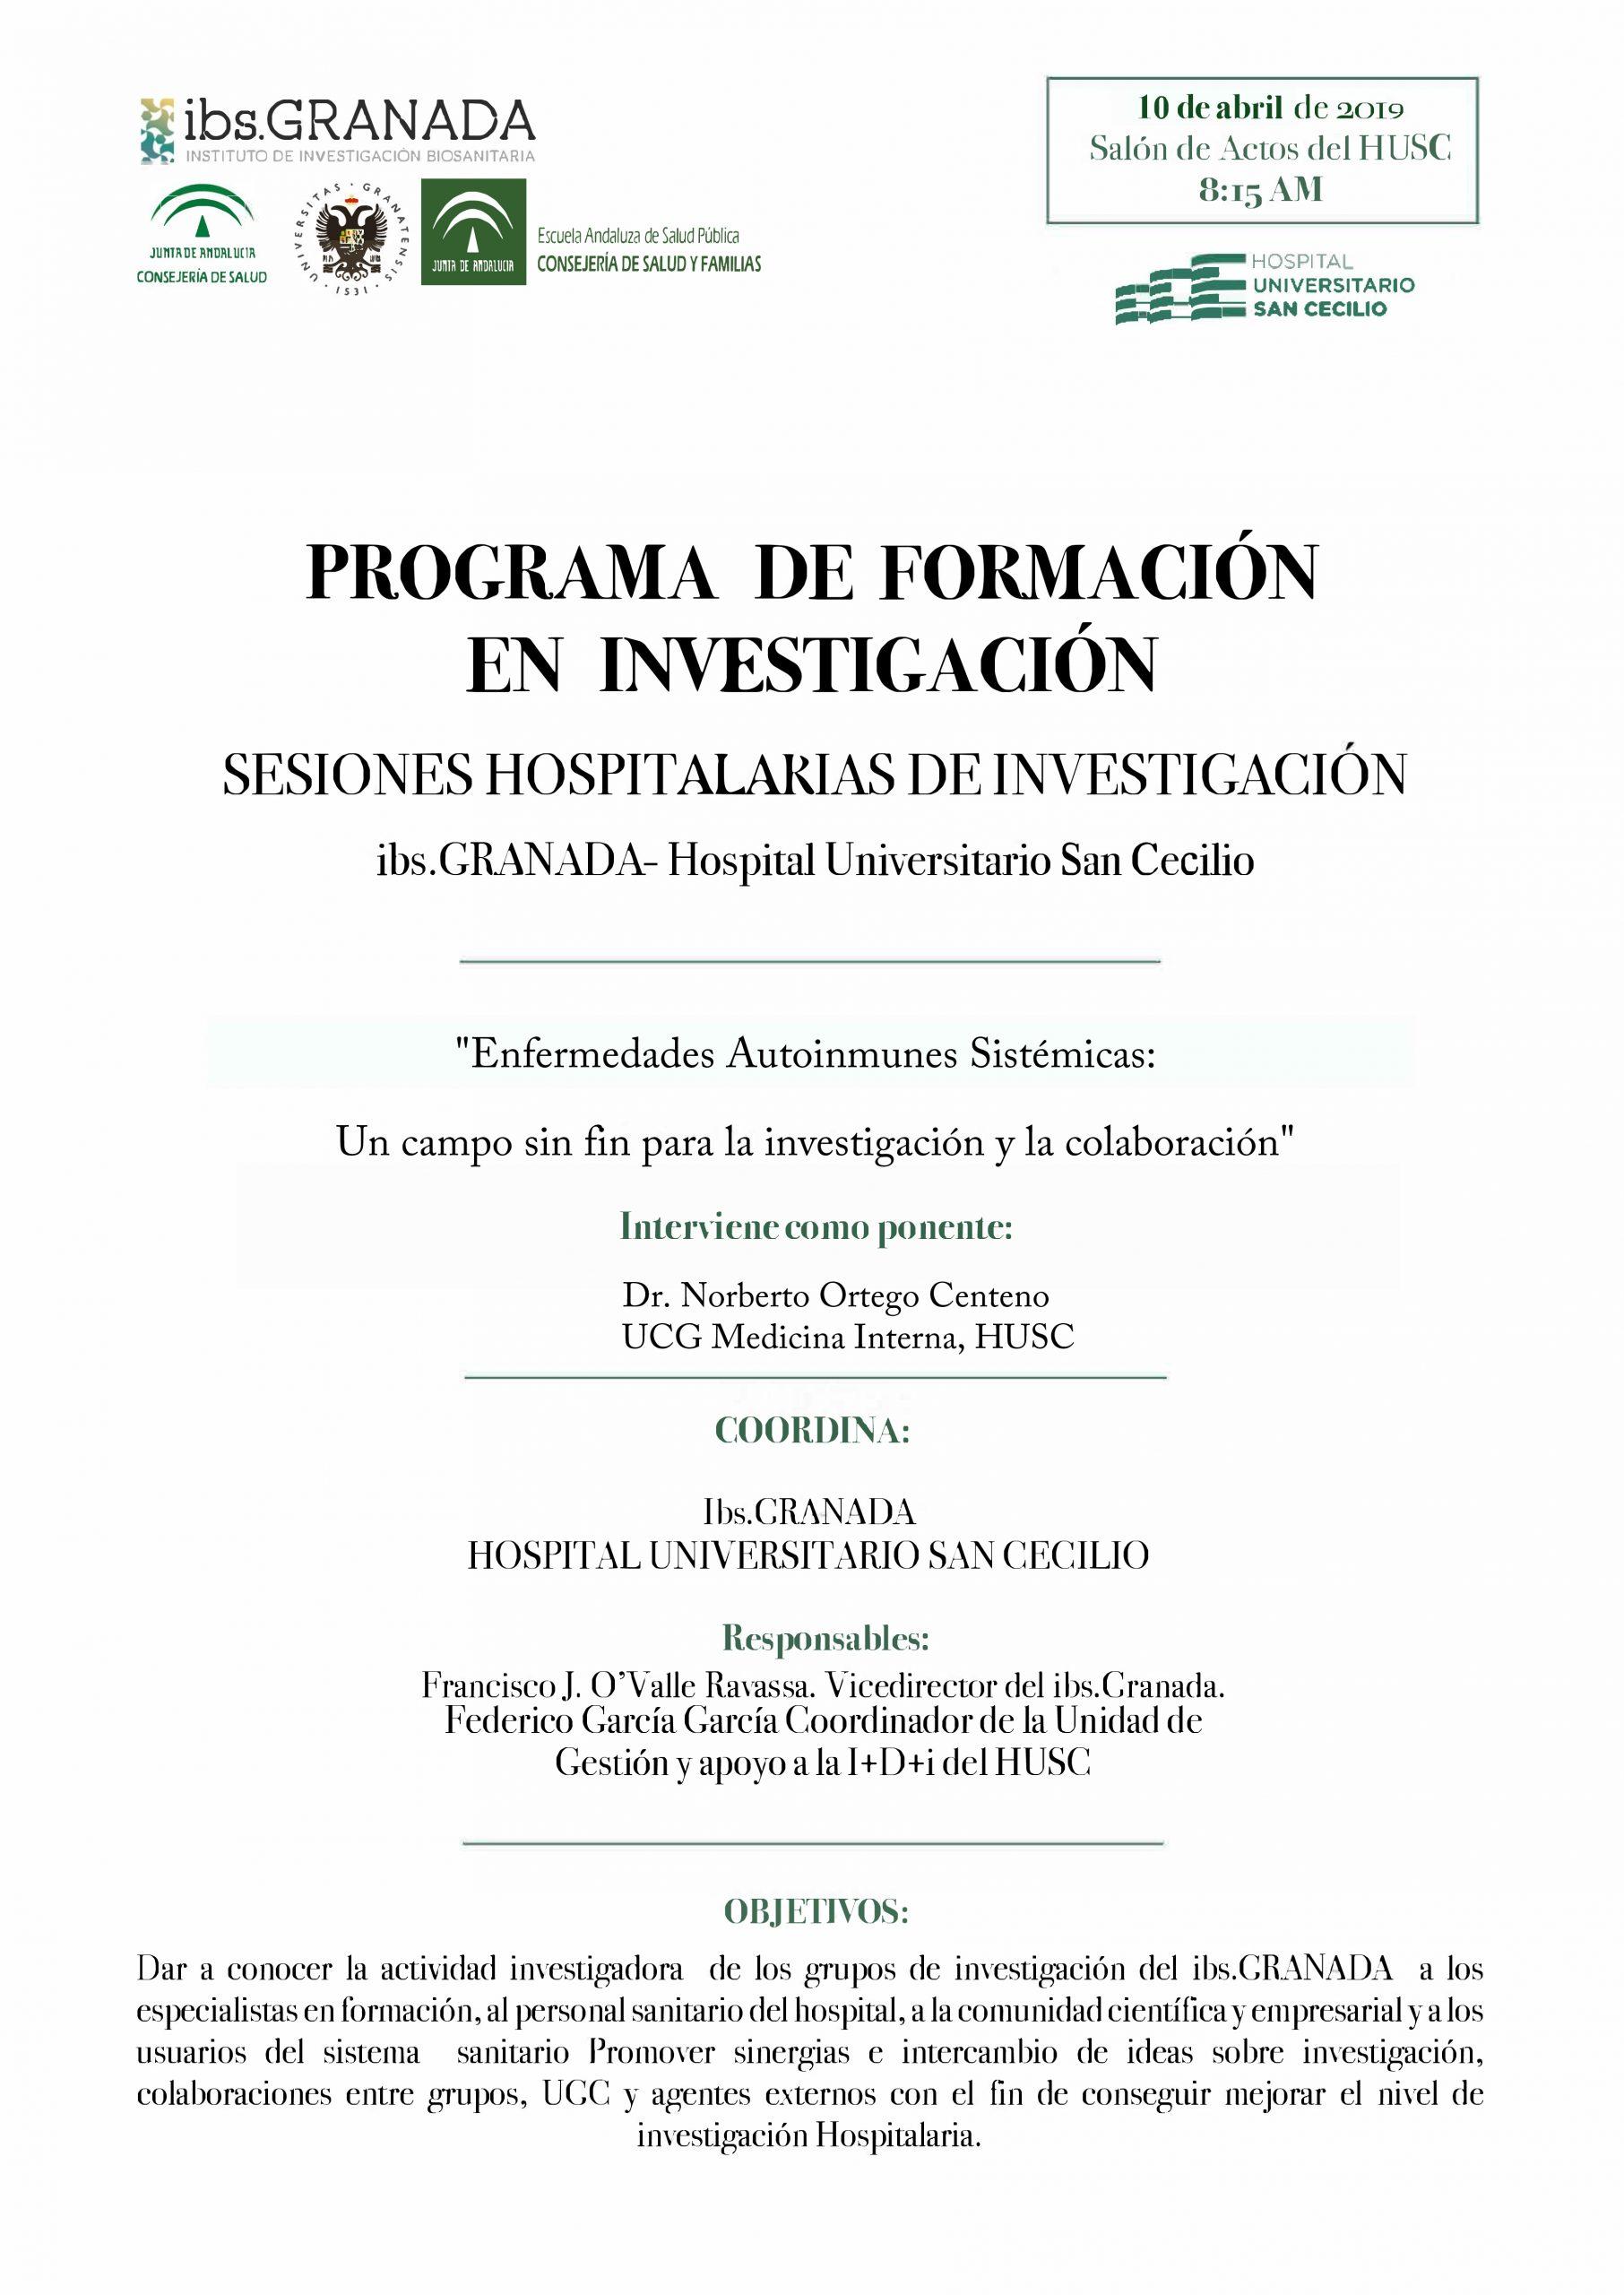 Sesión Hospitalaria: Enfermedades Autoinmunes Sistémicas: Un campo sin fin para la investigación y la colaboración